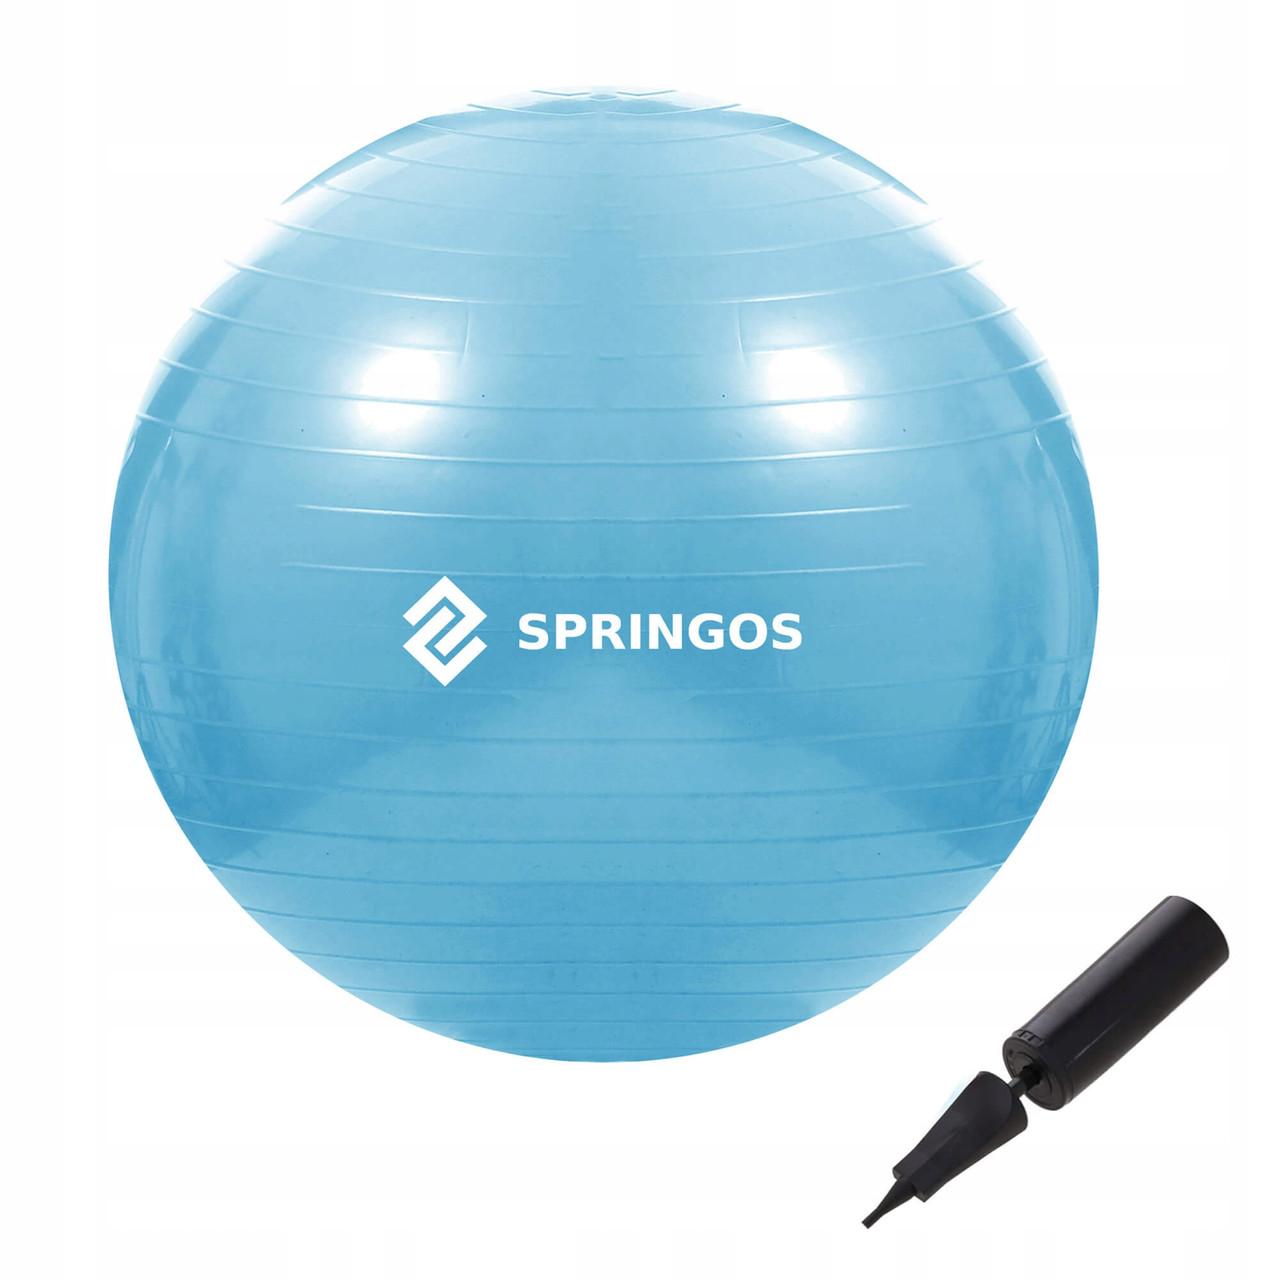 Мяч для фитнеса (фитбол) Springos 55 см Anti-Burst FB0006 Sky Blue